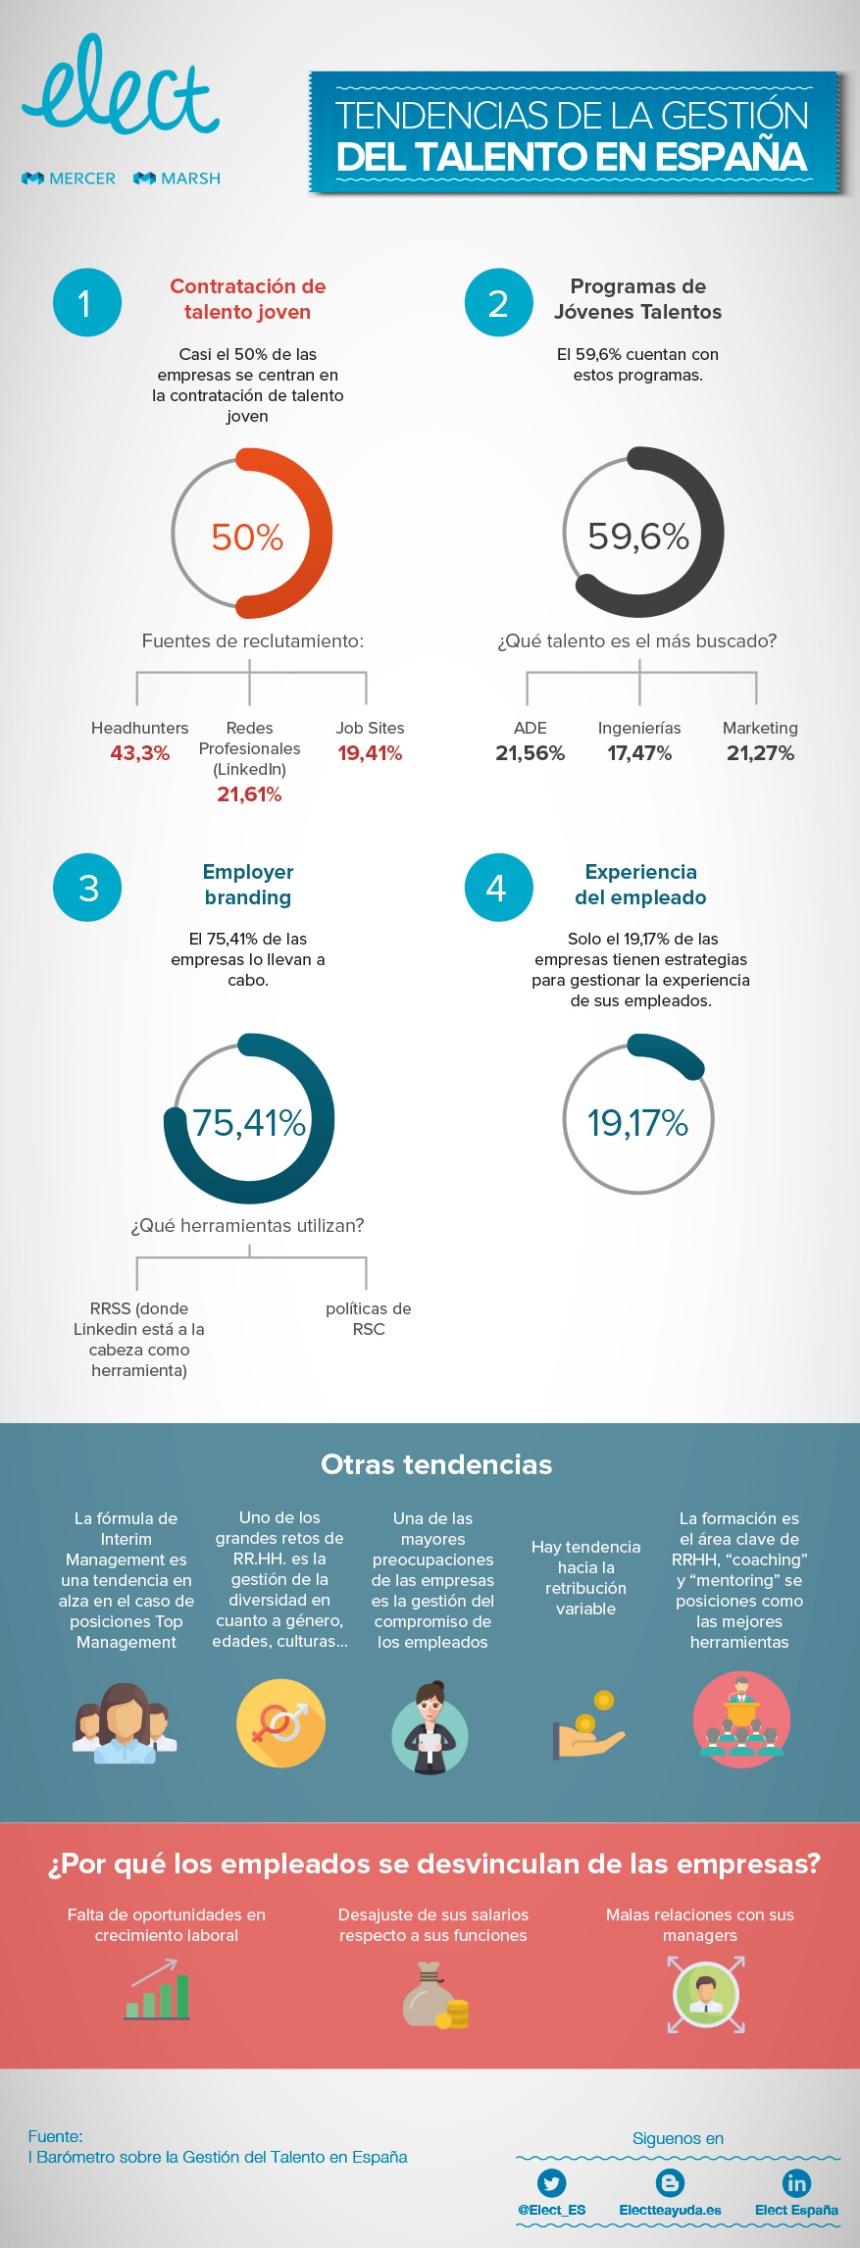 Tendencias de la Gestión del Talento en España